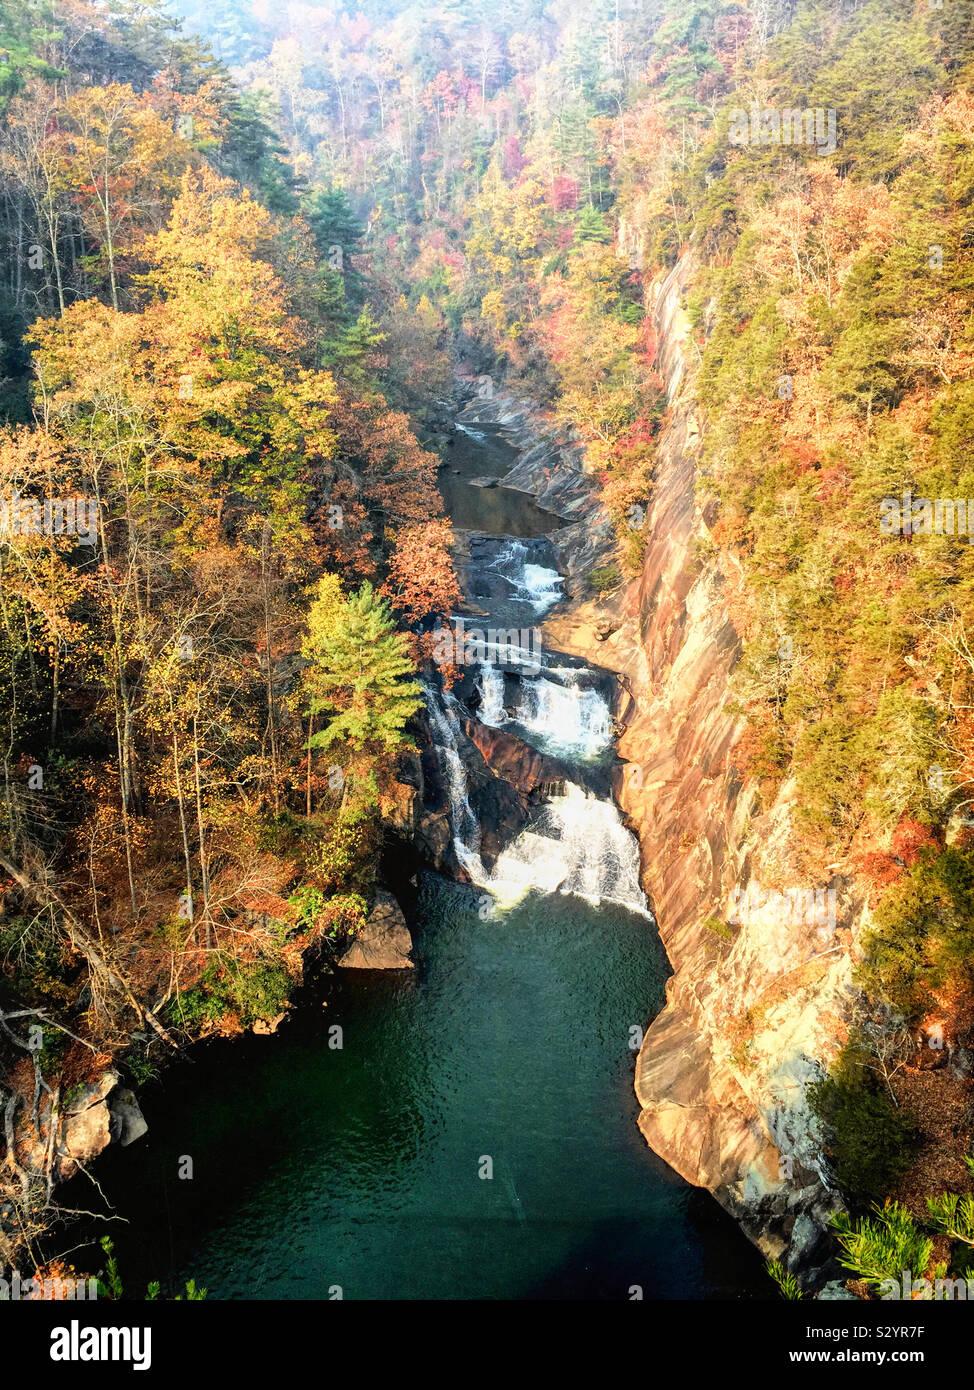 Mirando hacia Tallulah Gorge en Tempesta cae y Hawthorne cascada y piscina en la Tallulah River en Tallulah Falls Georgia. Temporada de otoño hoja de color en las montañas Blue Ridge. Foto de stock